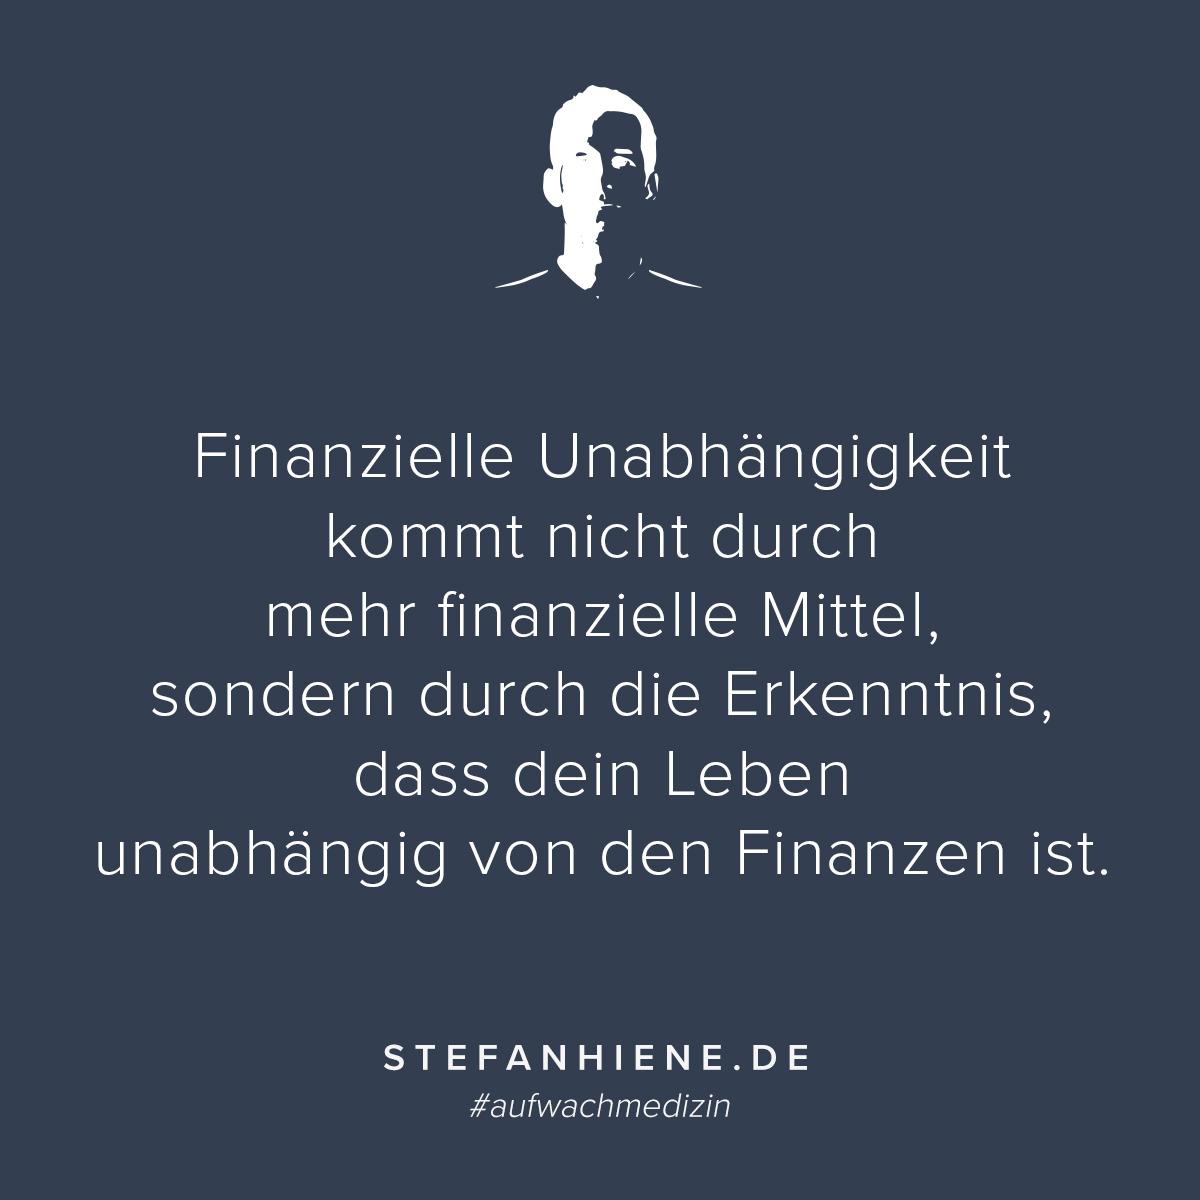 Finanzielle Unabhängigkeit Kommt Nicht Durch Mehr Finanzielle Mittel